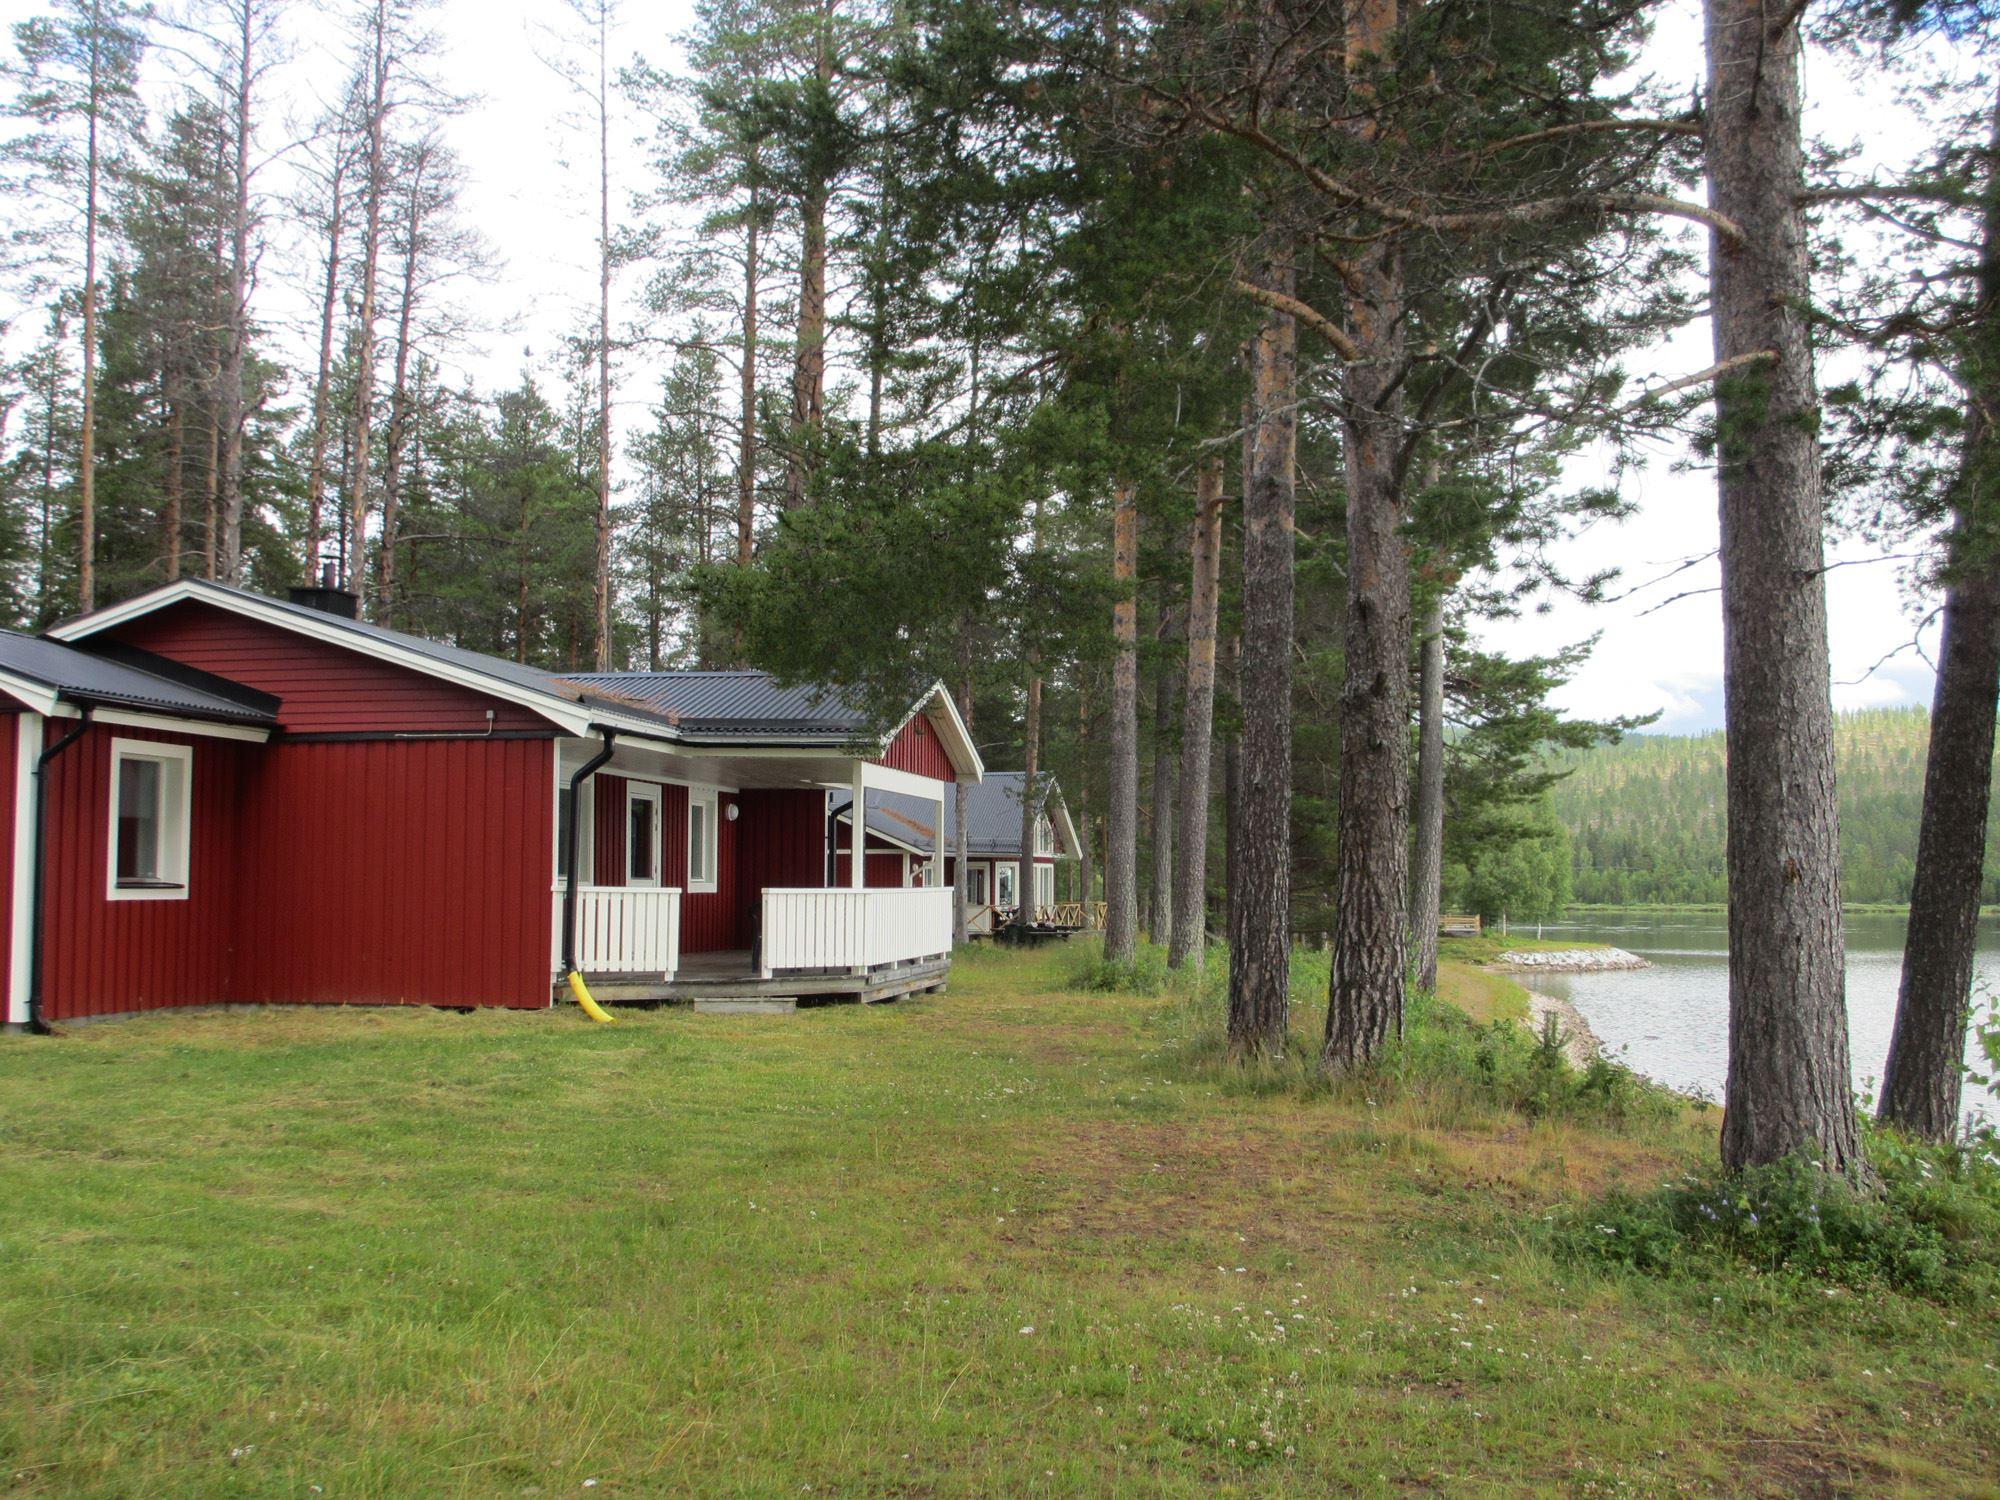 Jokkmokk Camping Center / Stugor